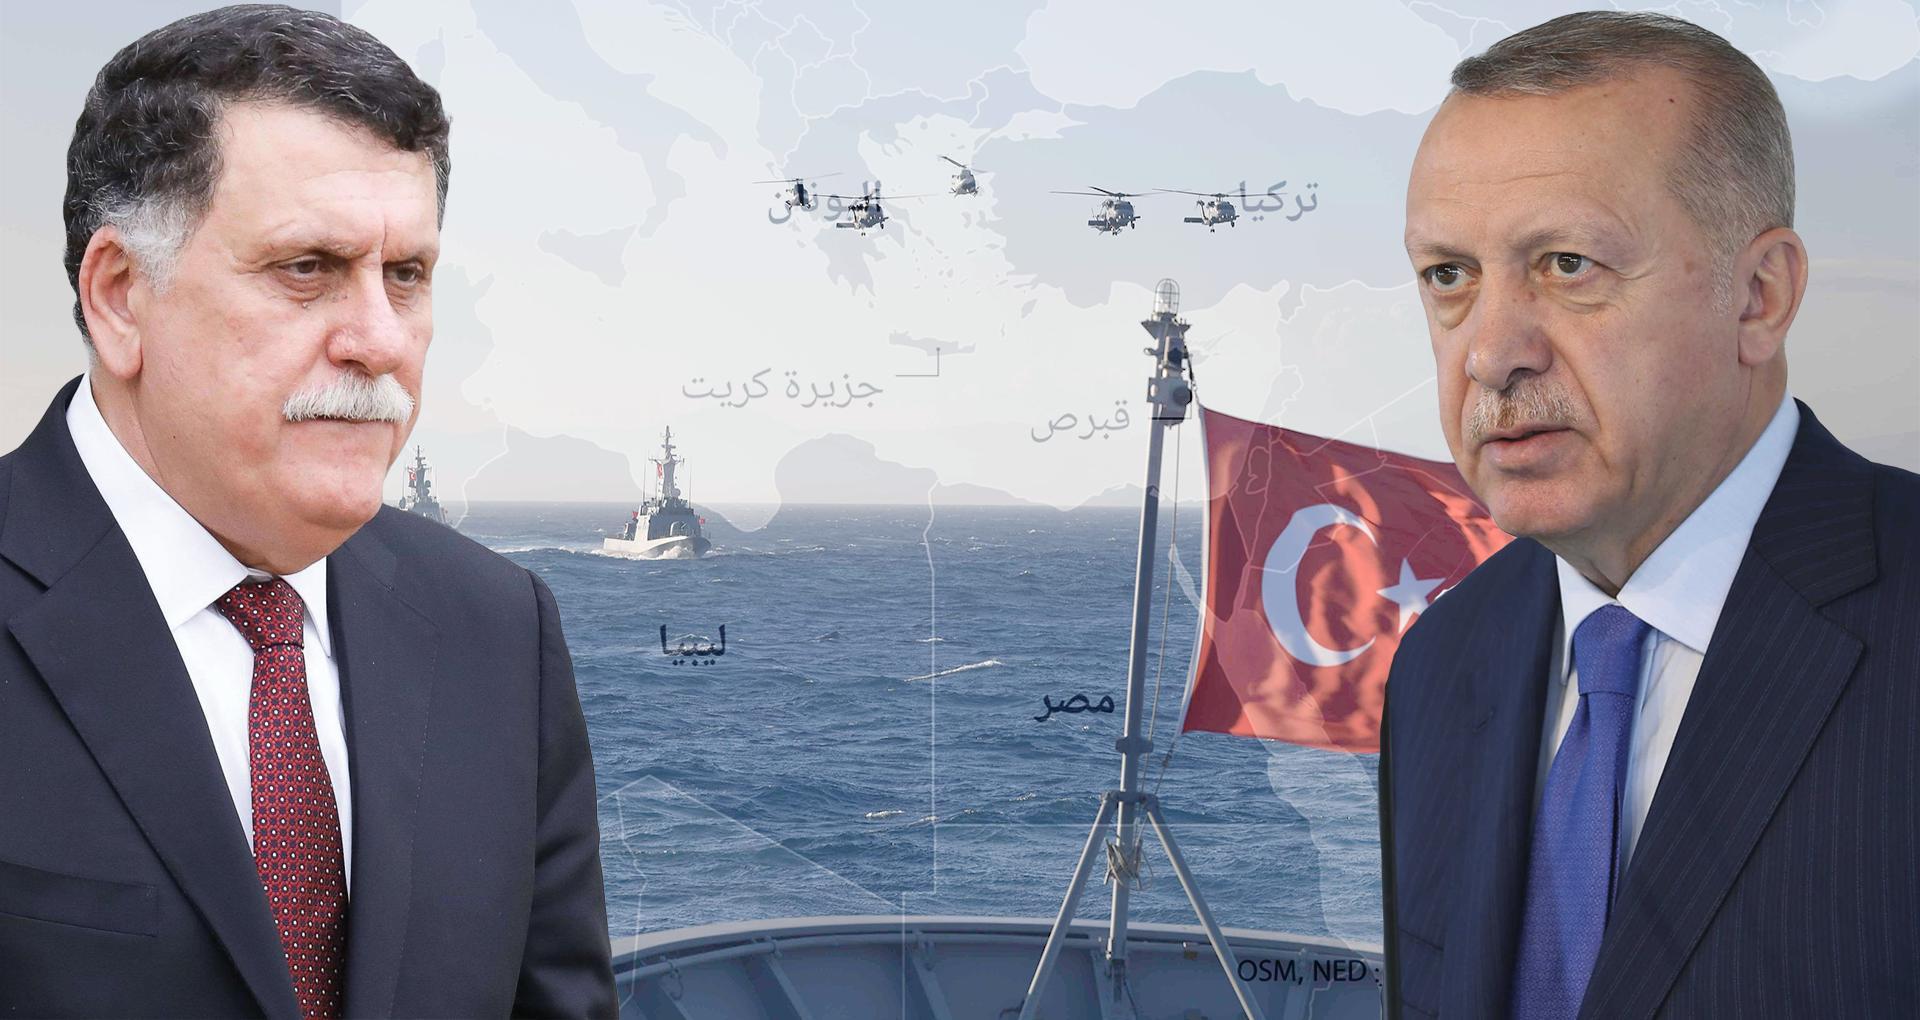 أردوغان - السراج - الخريطة البحرية